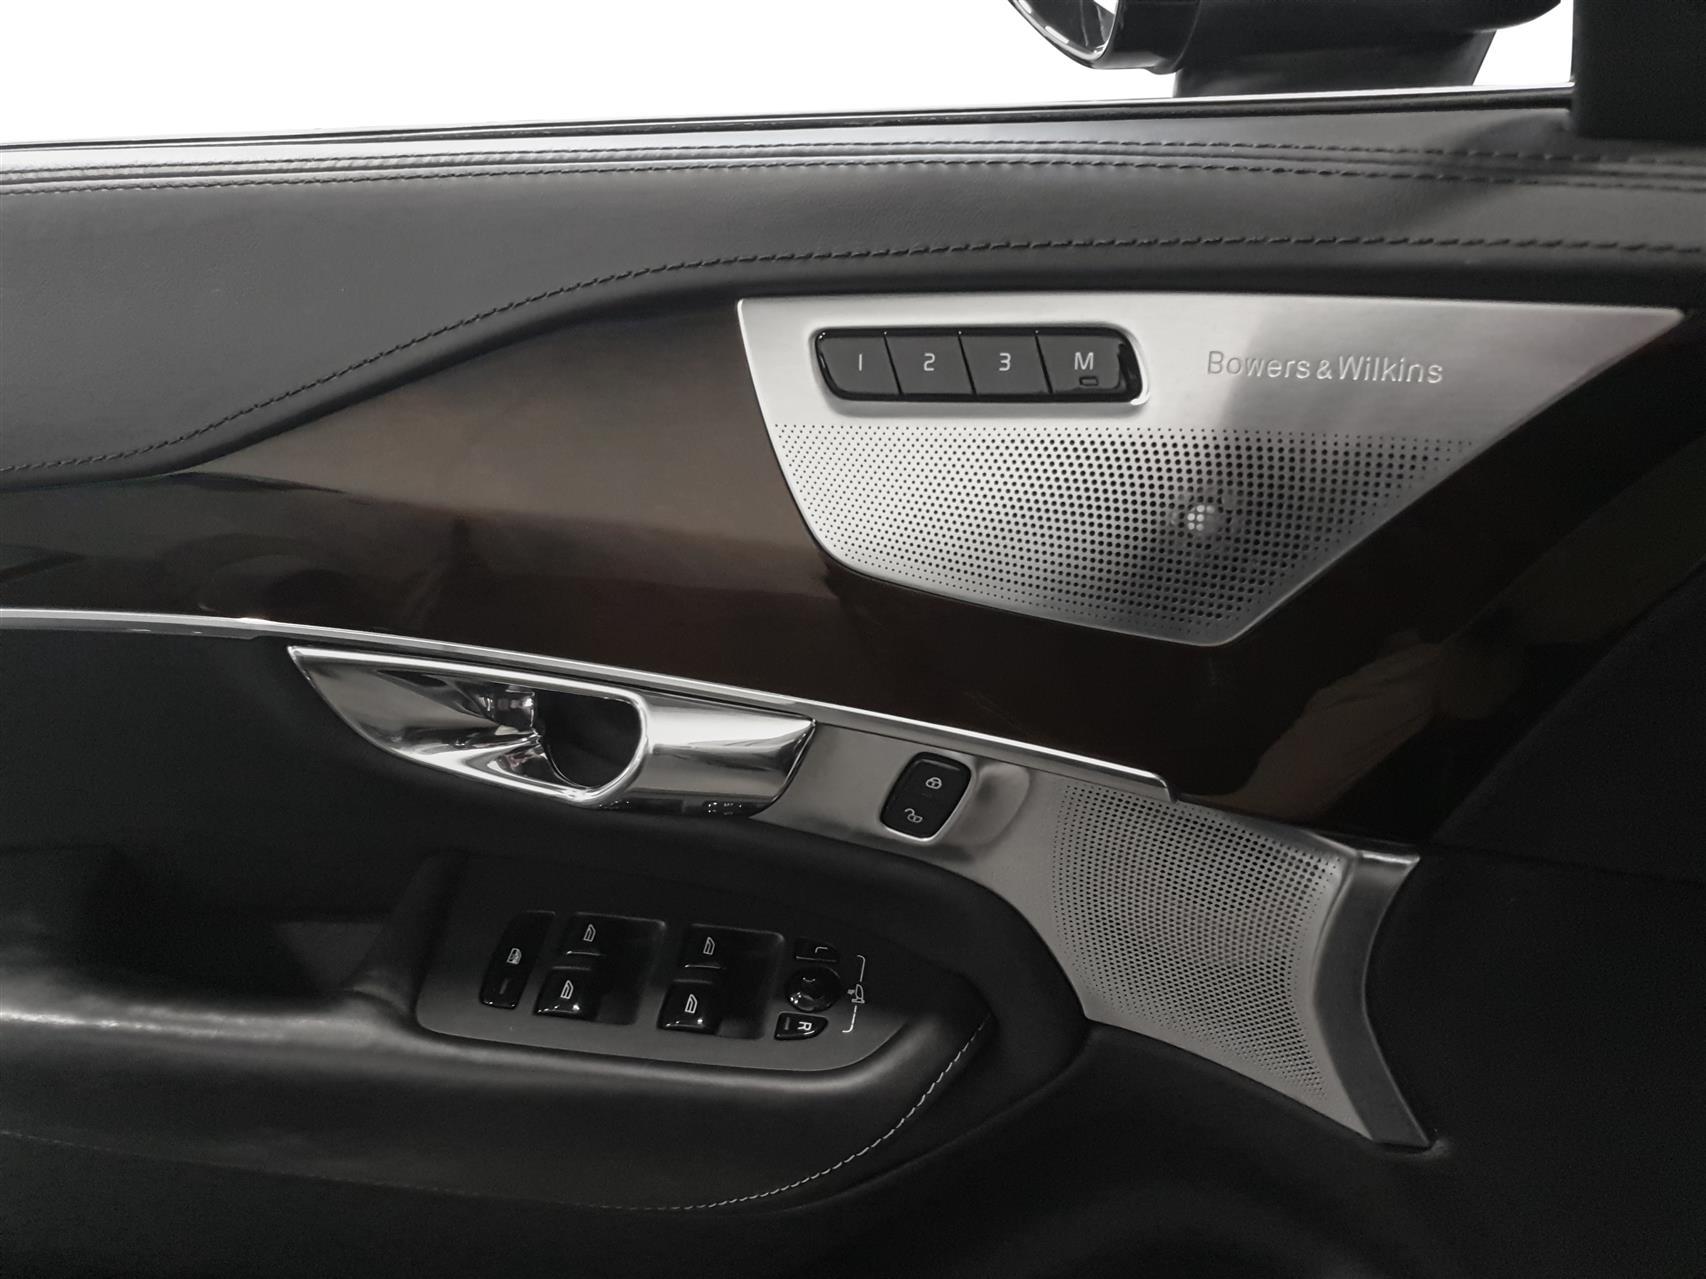 2,0 T6 Inscription AWD 320HK 5d 8g Aut. image11